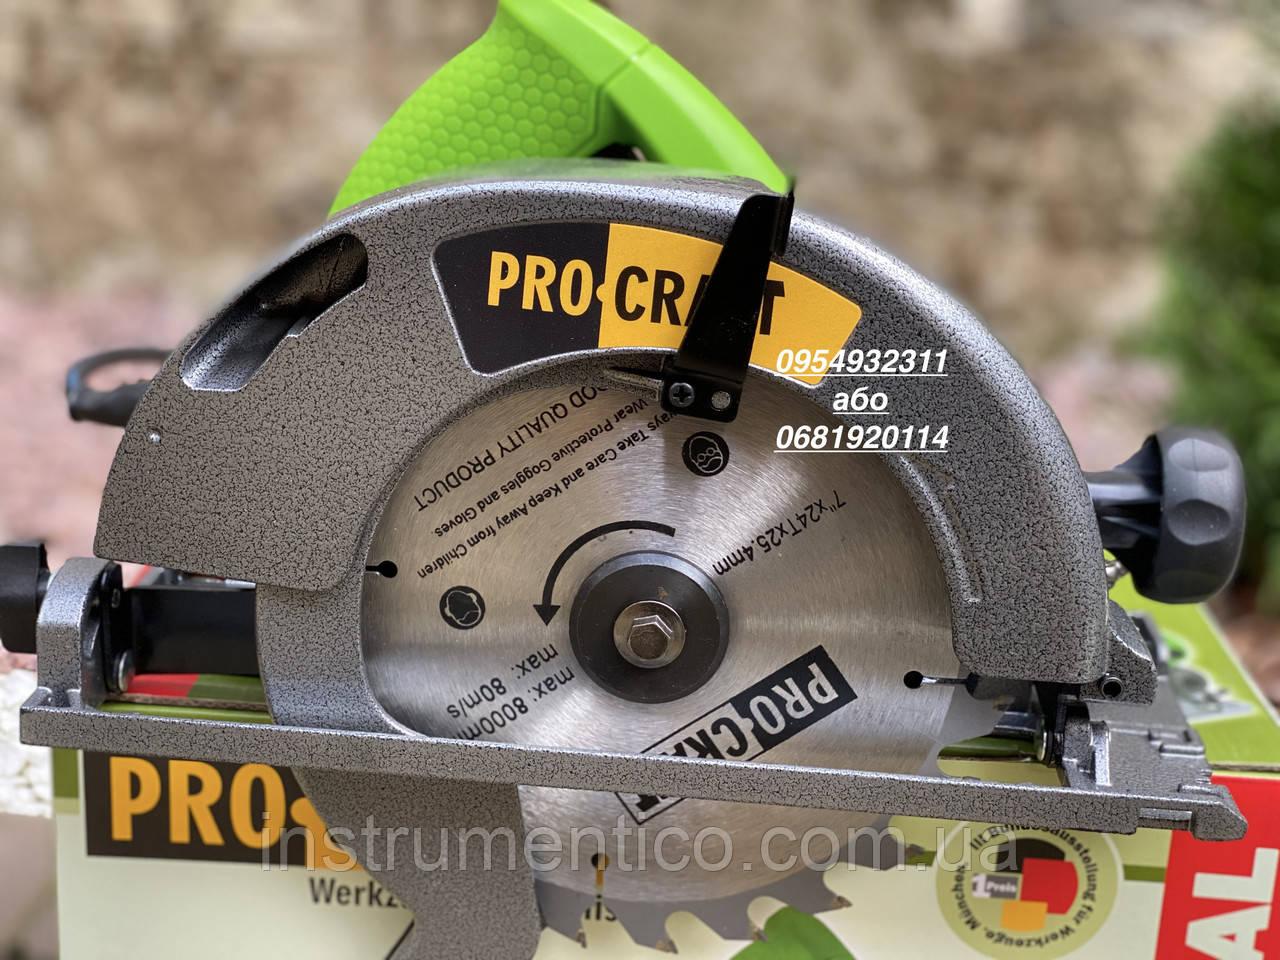 Циркулярная пила Proсraft KR2000